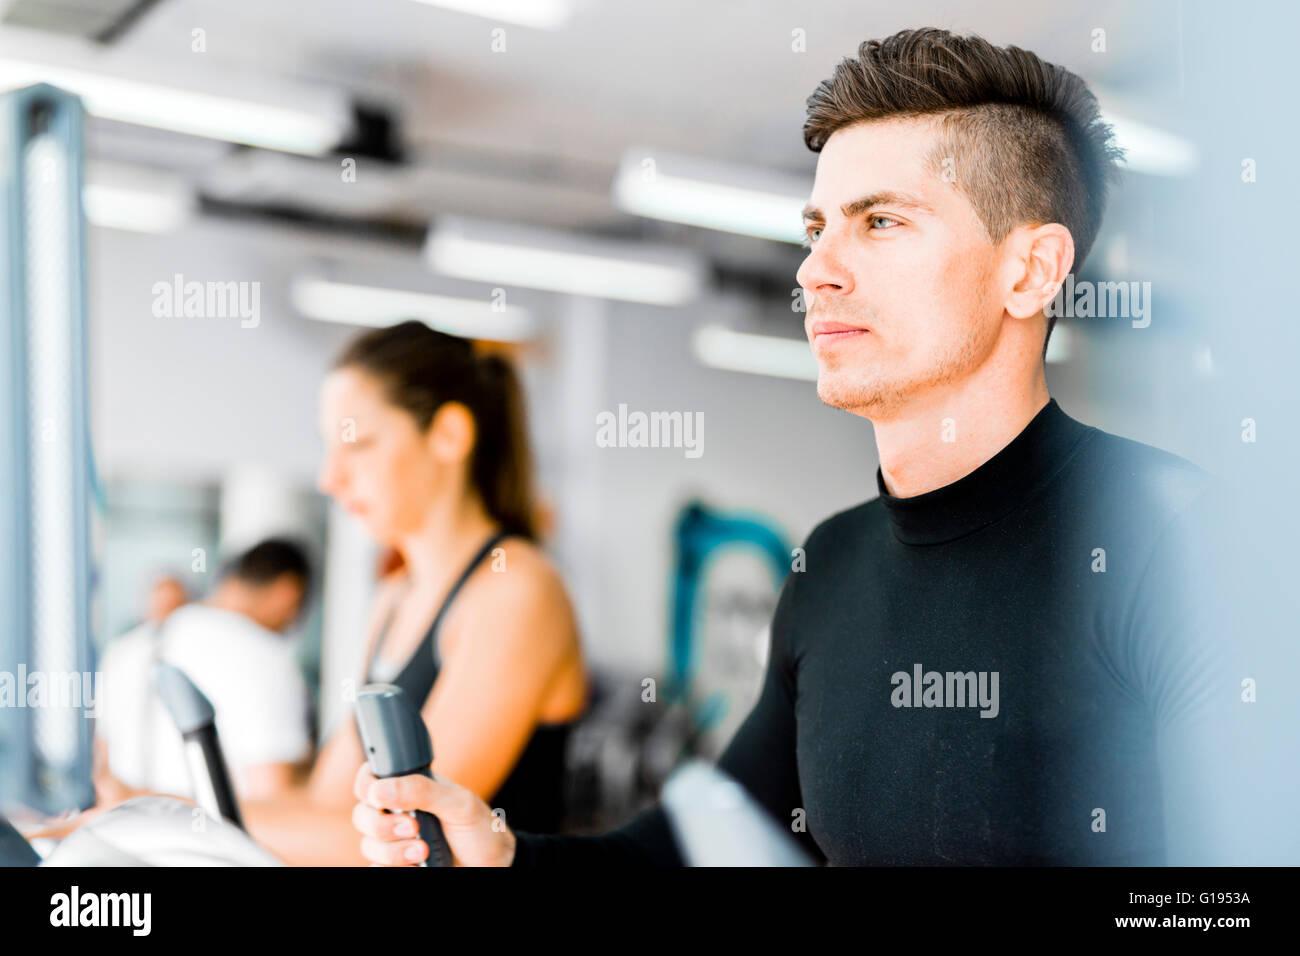 Groupe de jeunes en bonne santé à l'aide d'un tapis de course et d'entraînement elliptique Photo Stock